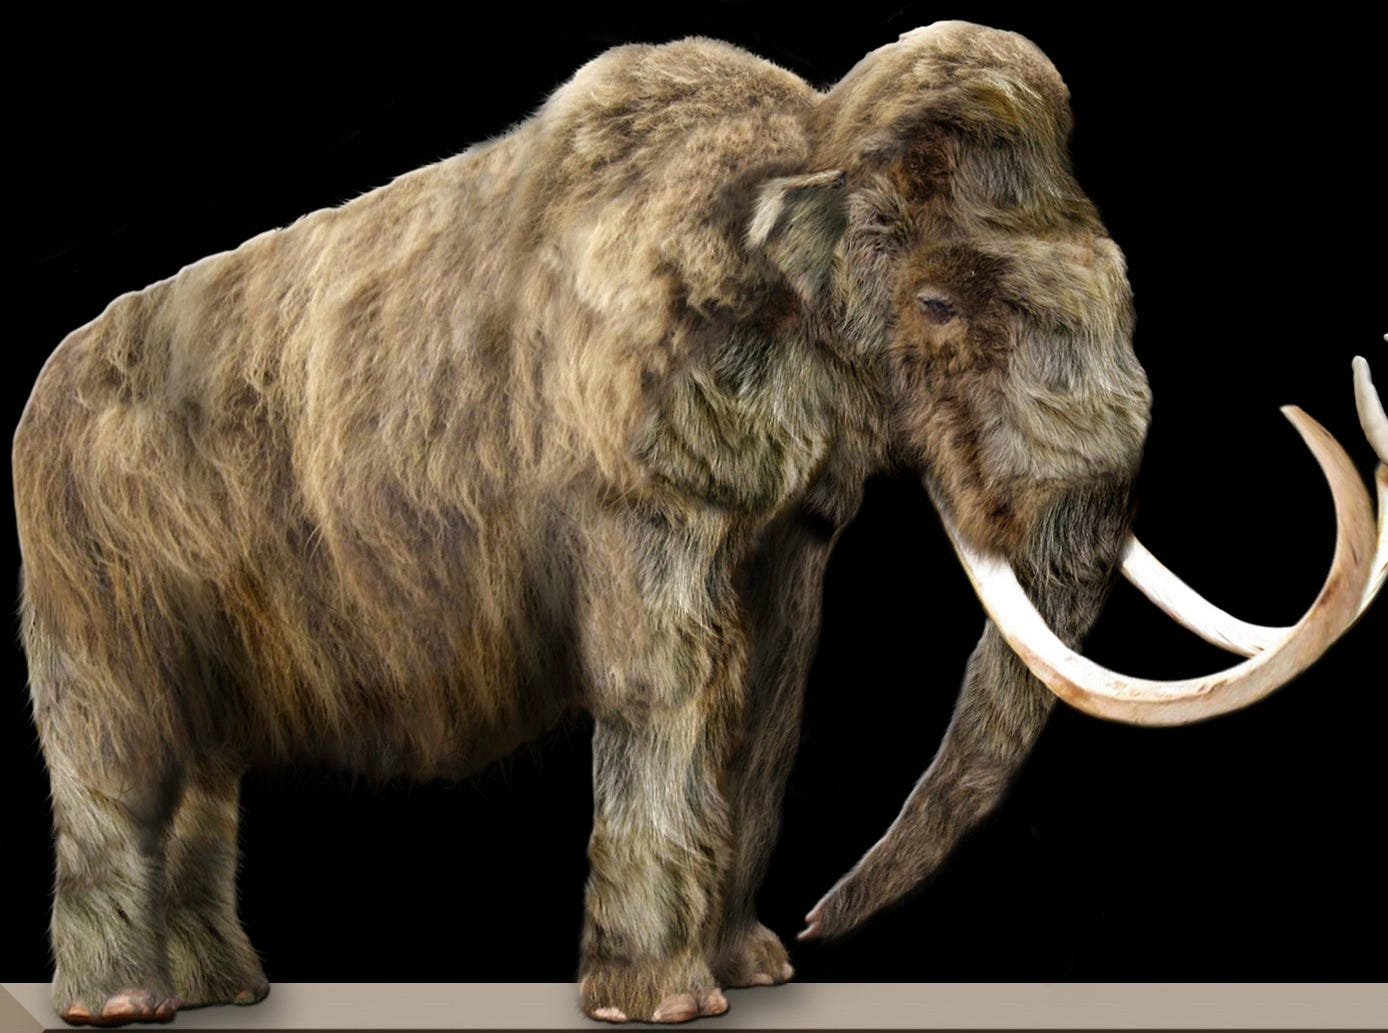 Las especies de animales que los científicos quieren 'resucitar' Image